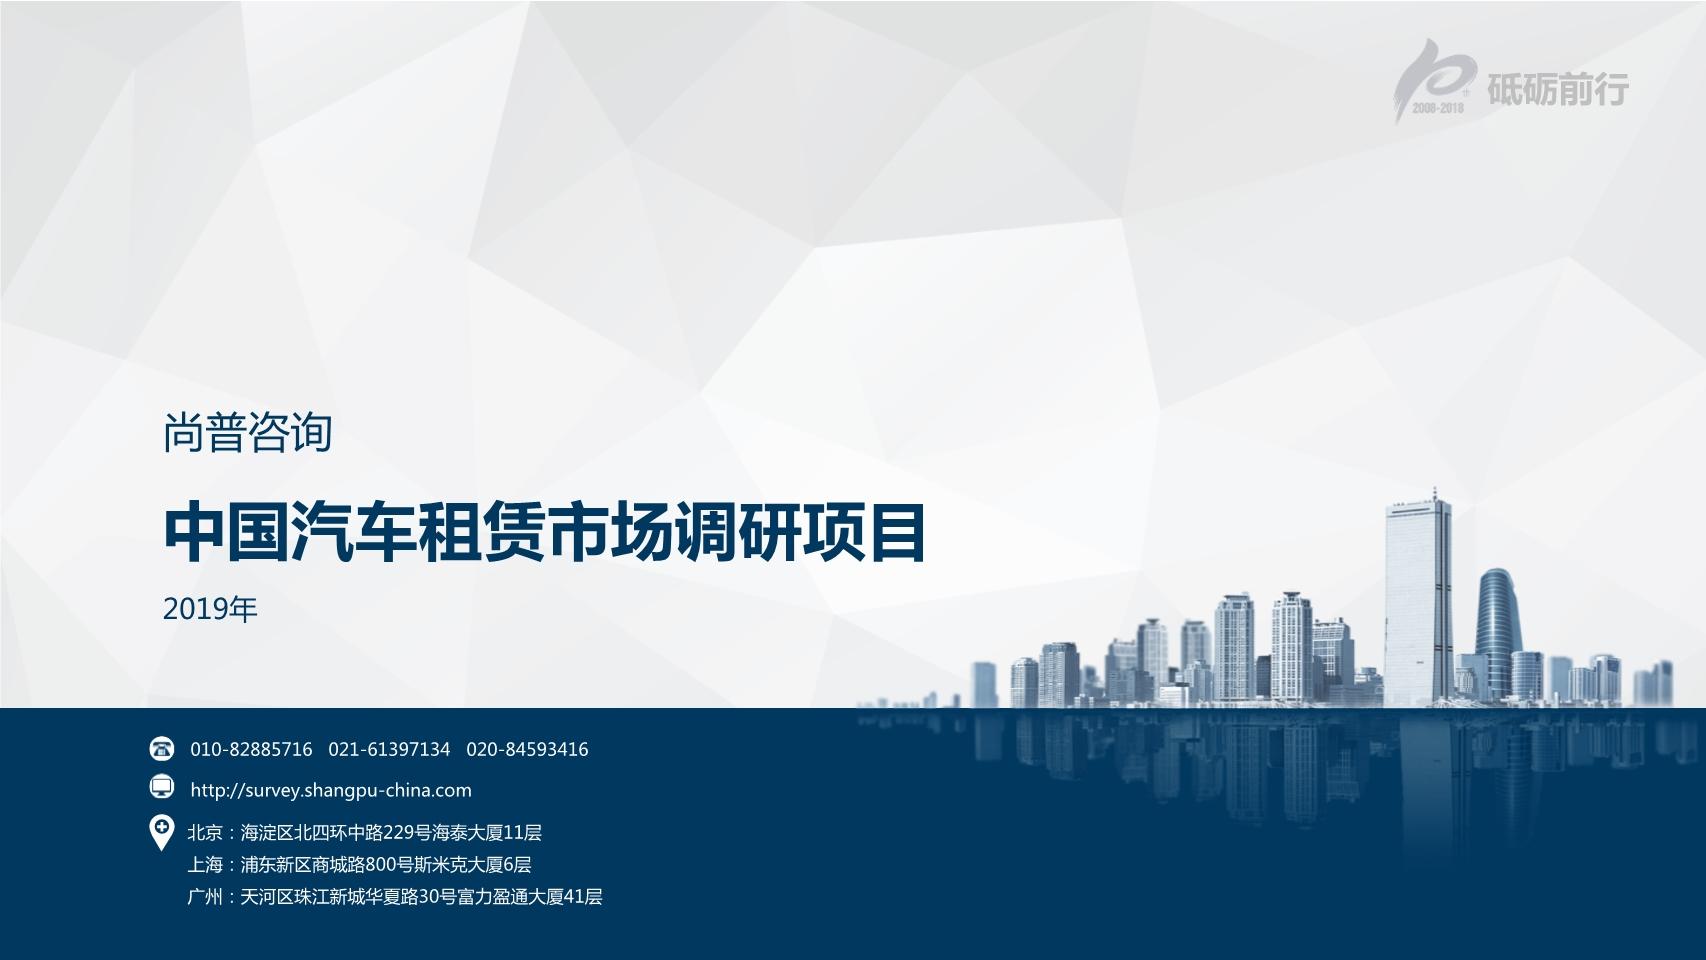 尚普咨询-中国汽车租赁市场调研项目